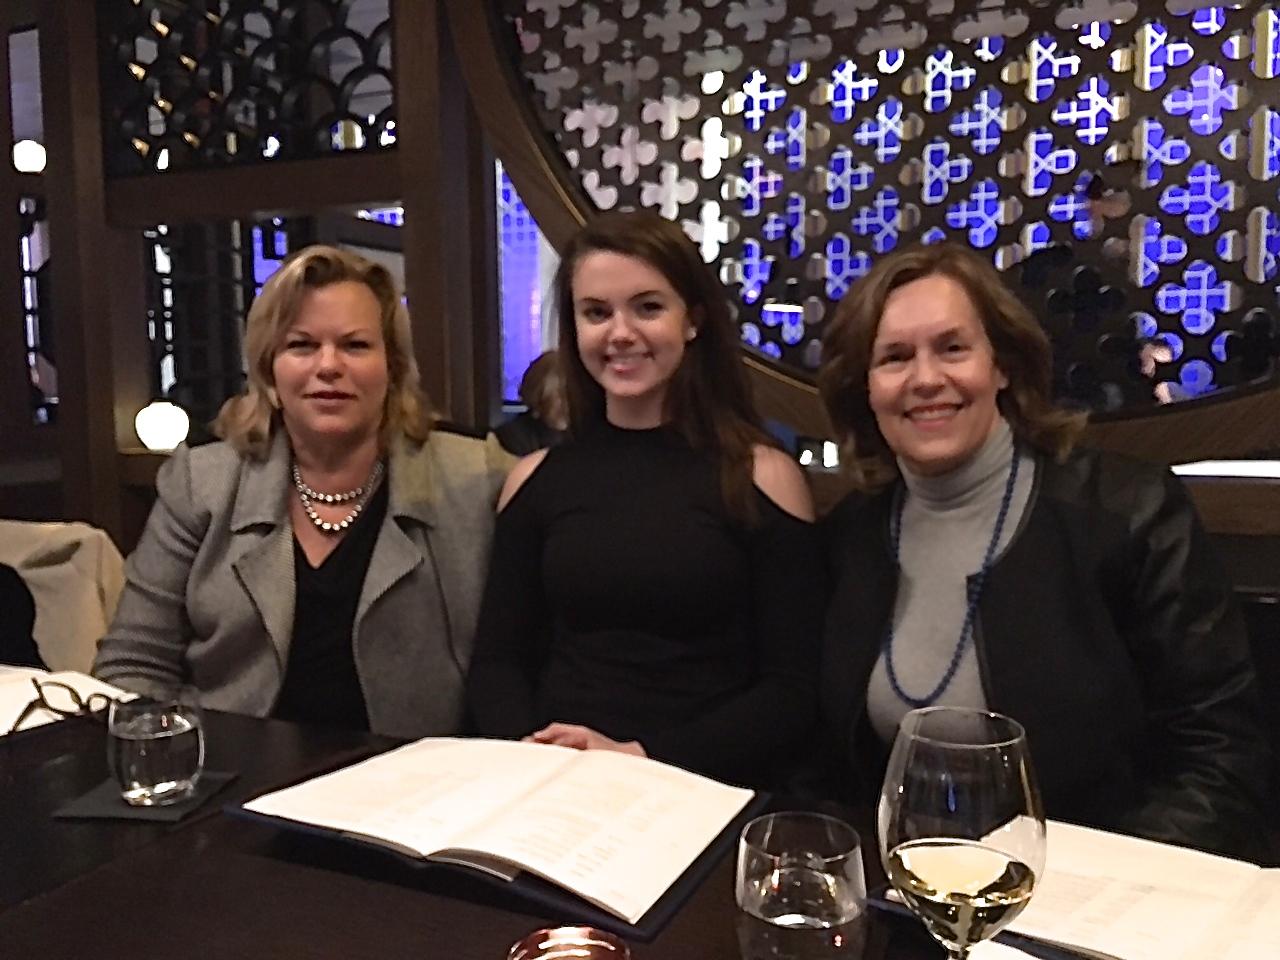 Celeste, Kate, Lorraine